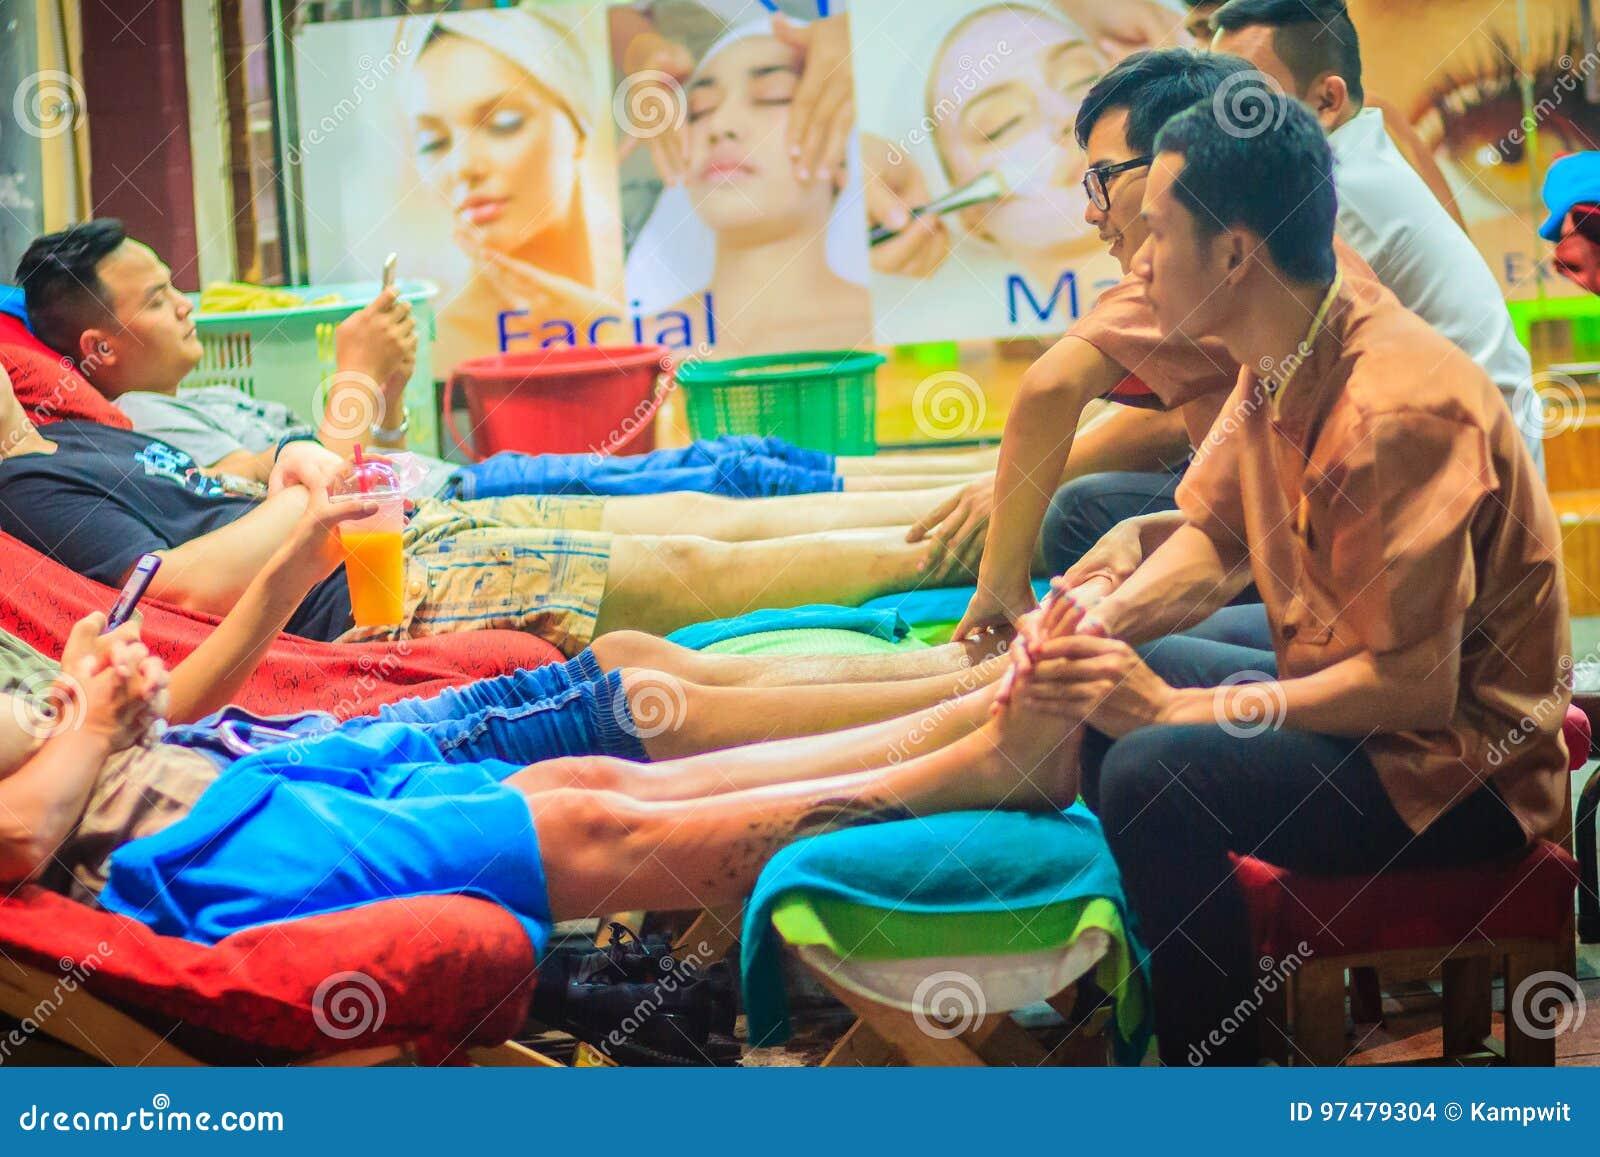 Bangkok, Tailandia - 2 marzo 2017: Servizio di massaggio del piede in stazione termale